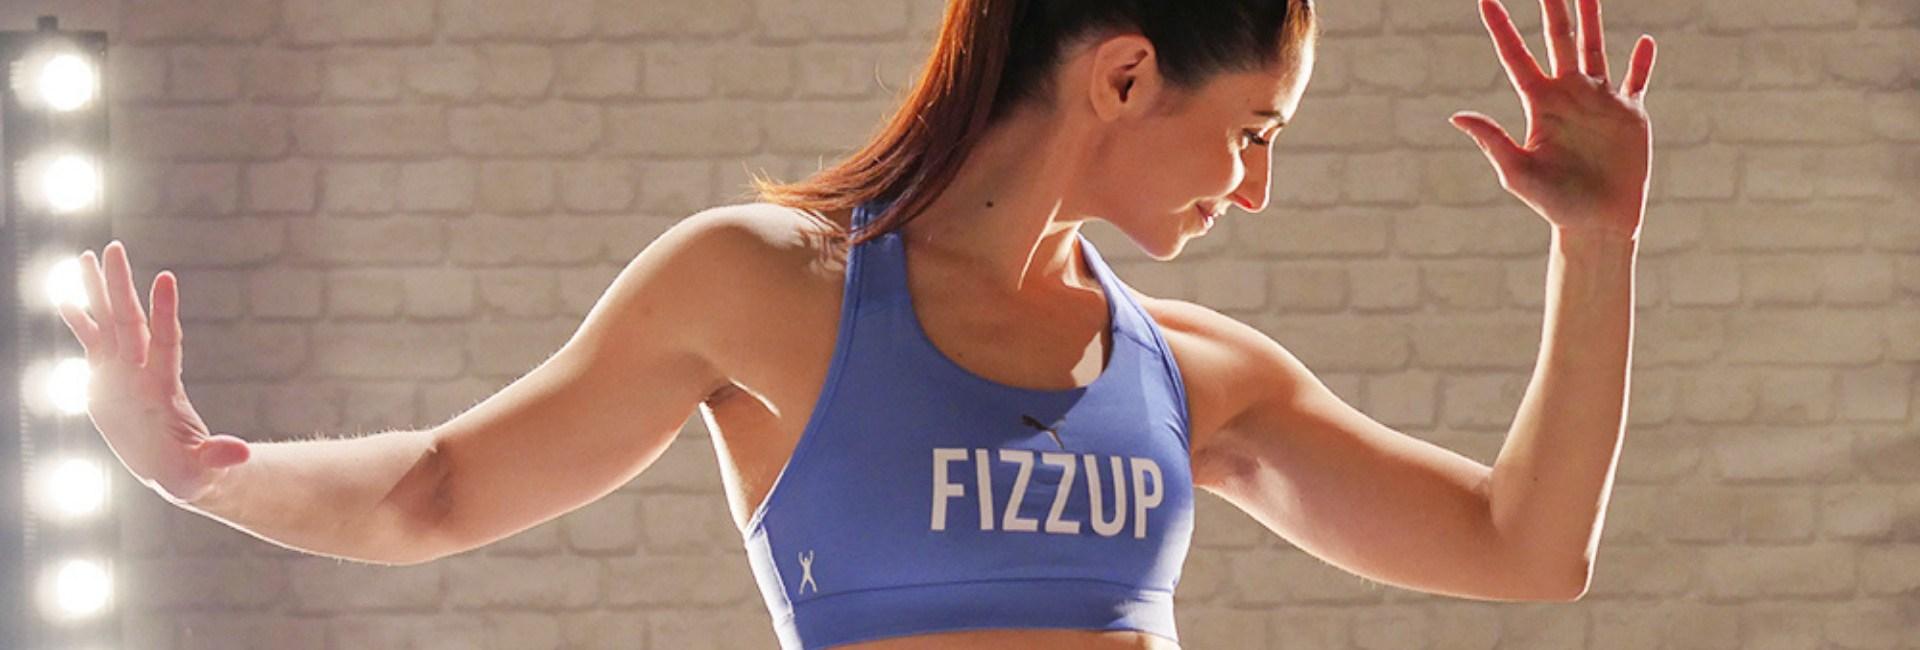 fizzup-application-sport-a-la-maison